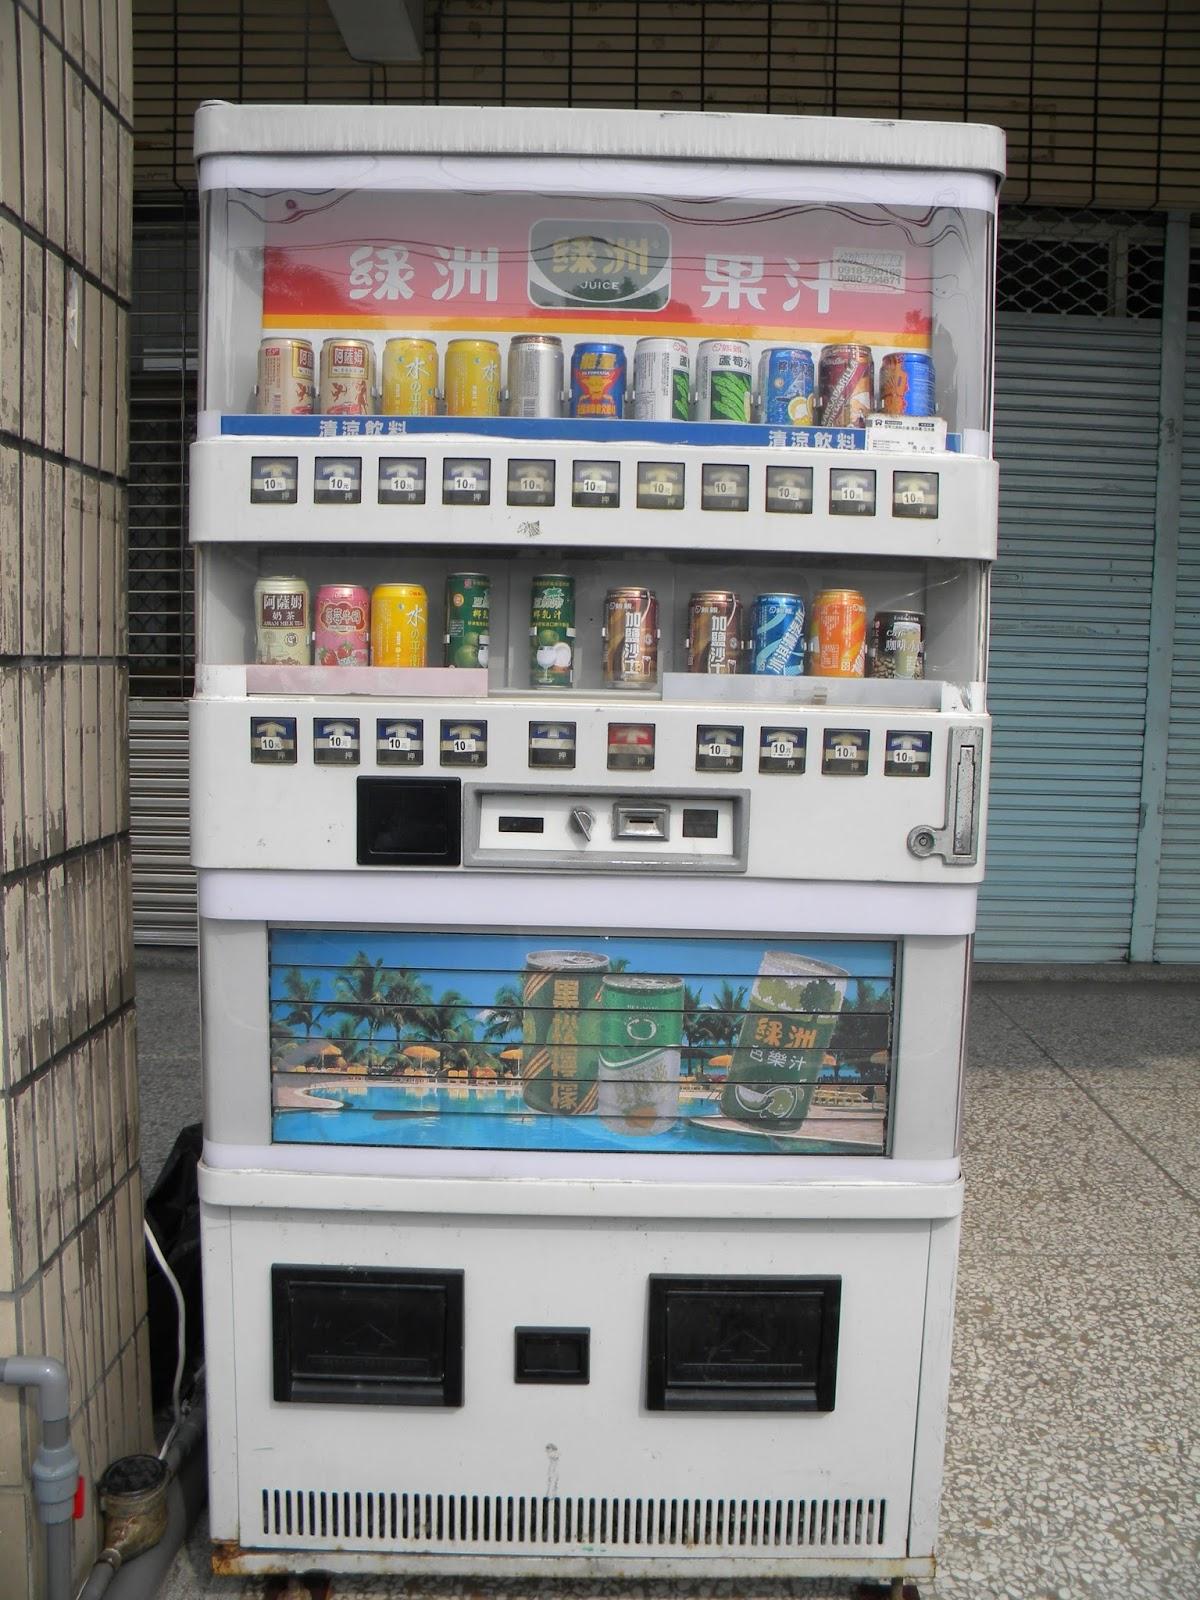 飲料販賣機廠商|廠商 - 愛淘生活